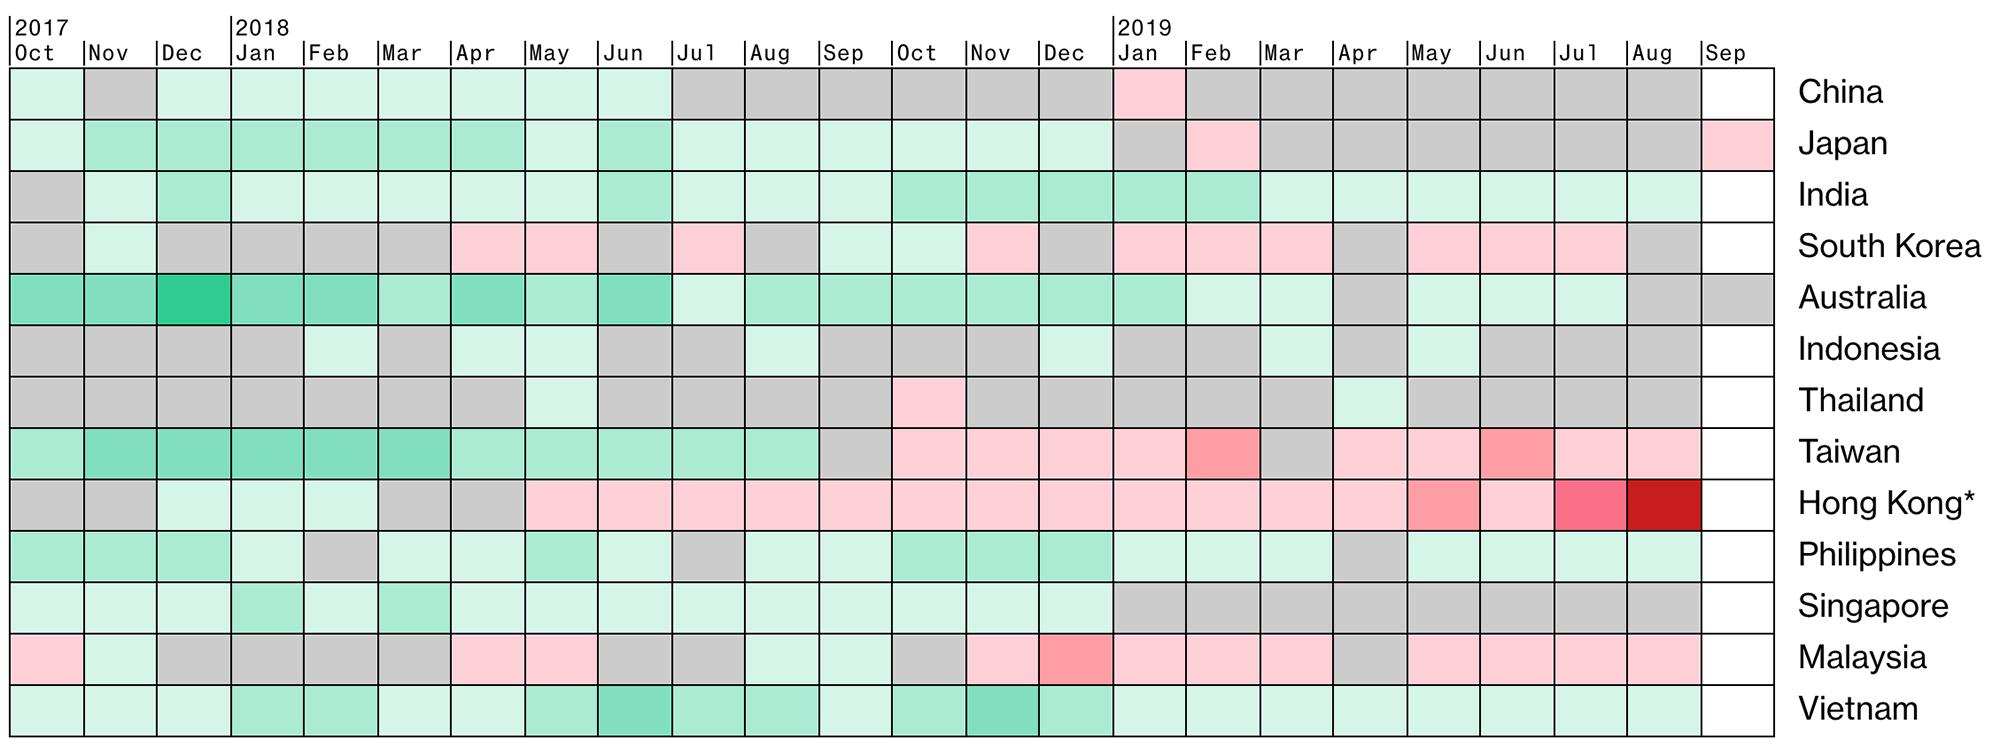 Показатели индекса менеджеров по закупкам (PMI) в разных странах Азии по годам и месяцам. Чем краснее — тем хуже, чем зеленее — тем лучше. Серый — никак, то есть безрадостно. Источник:Bloomberg